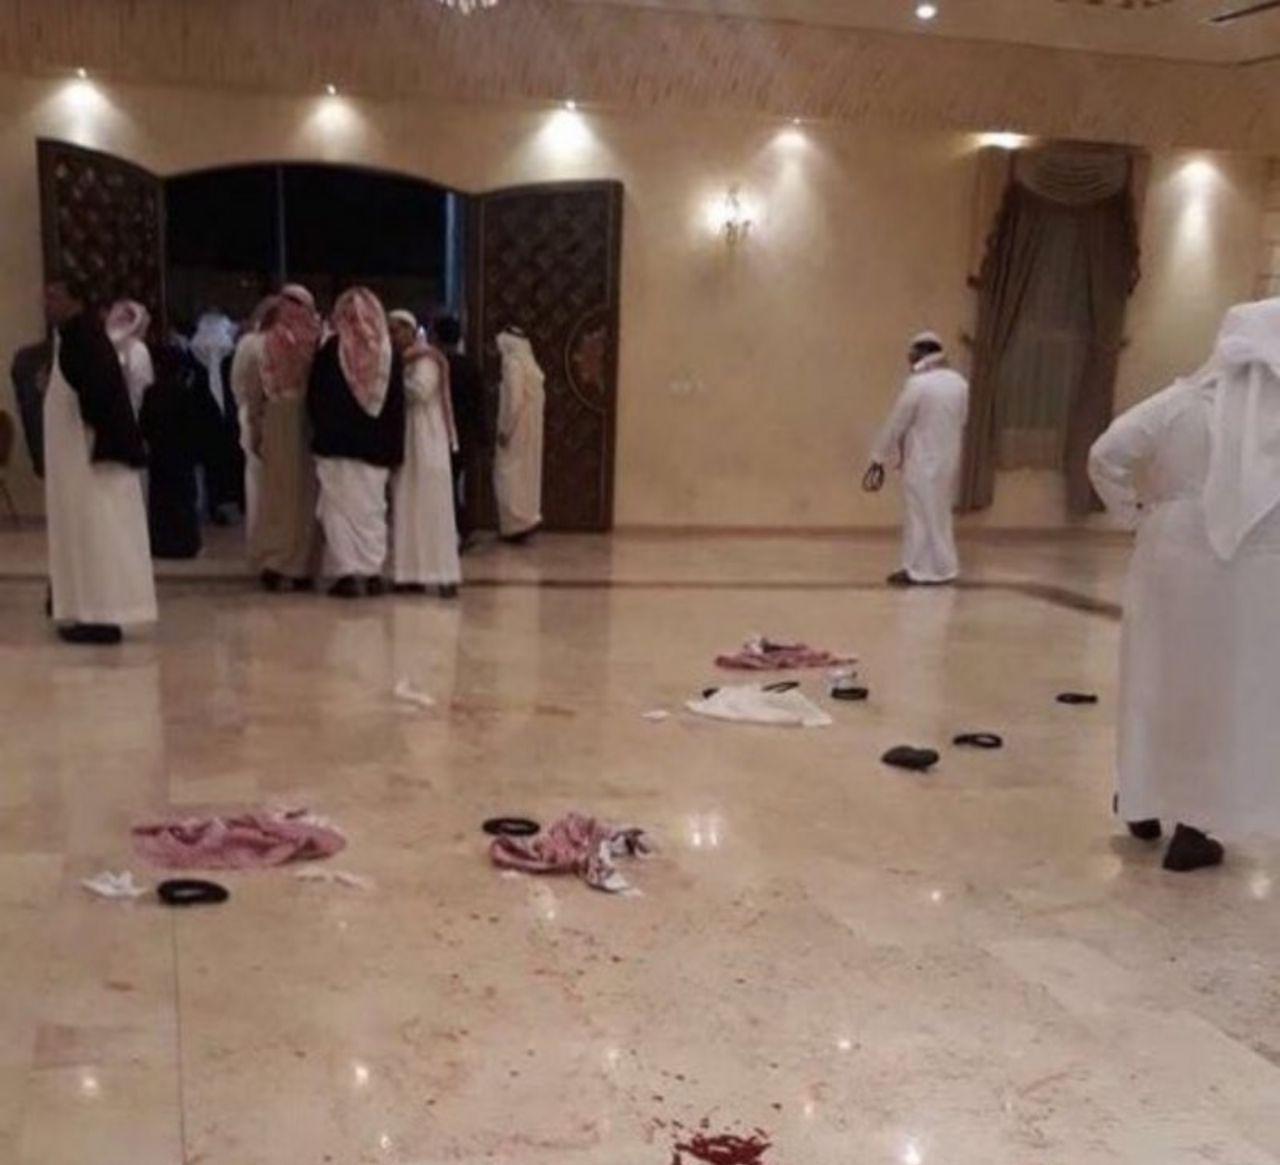 #عاجل مقابلة مع والد العريس المطعون بحفل زواجه بخميس مشيط